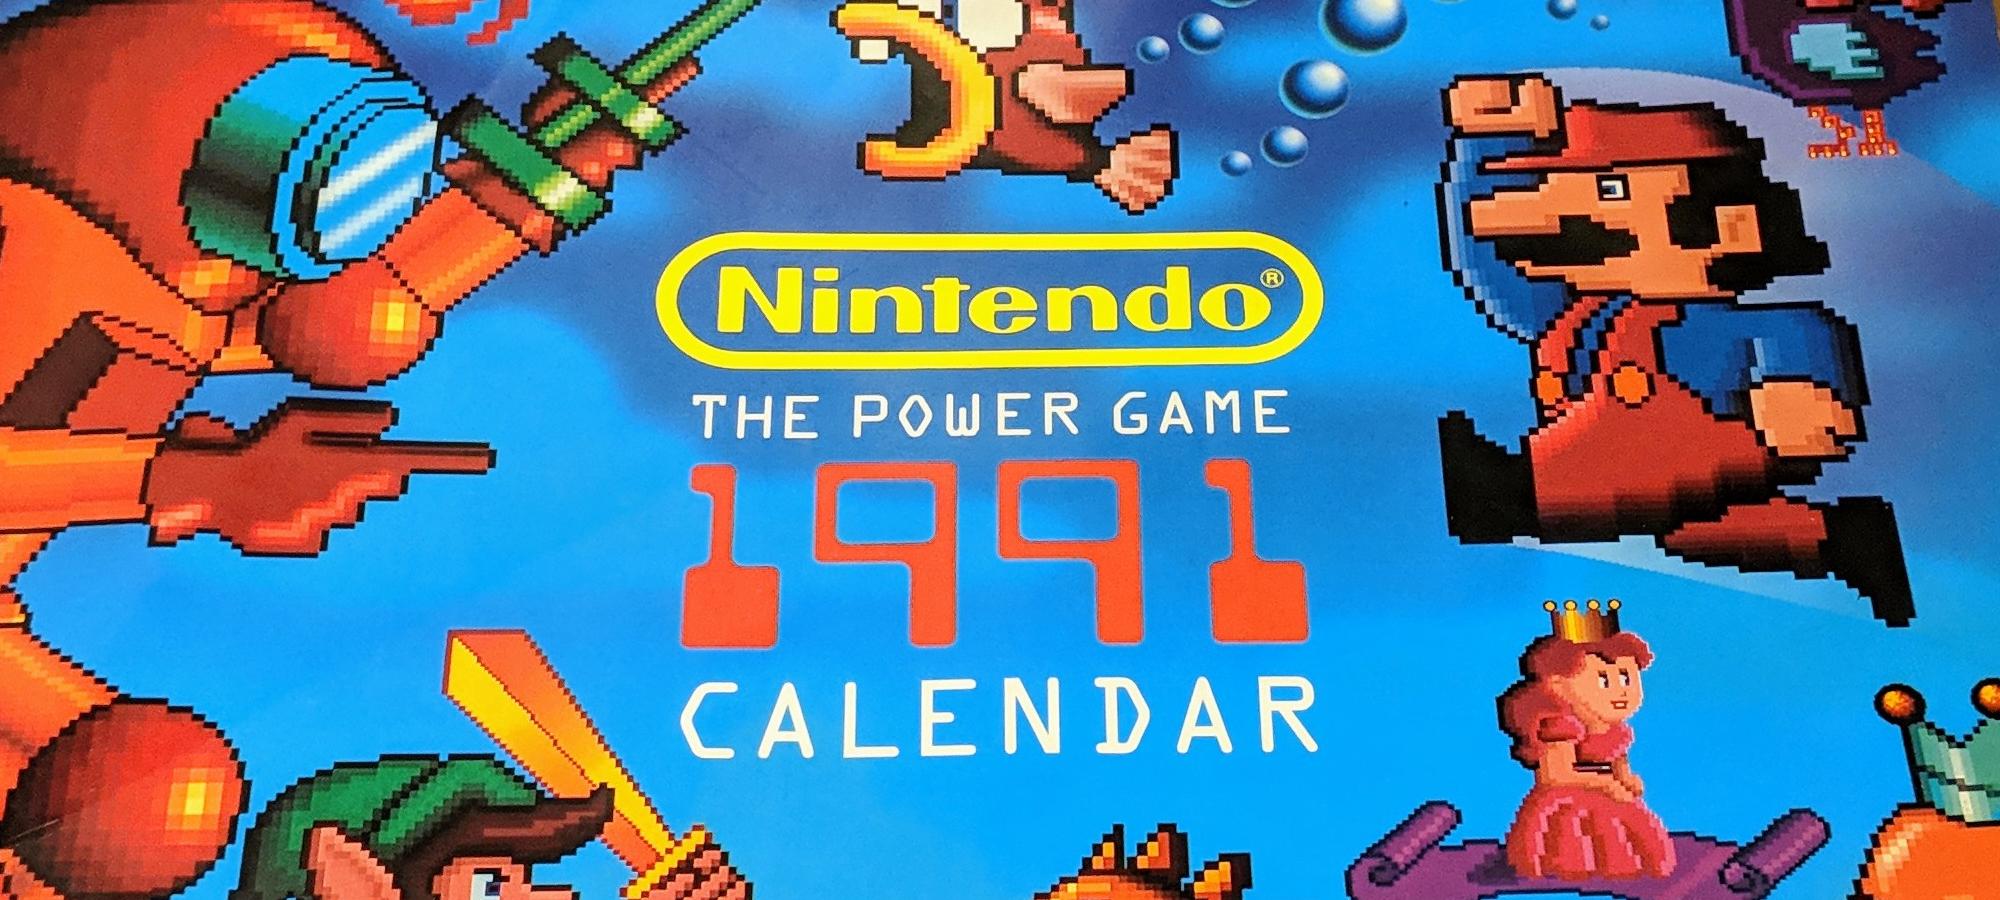 Nintendo календарь 1991